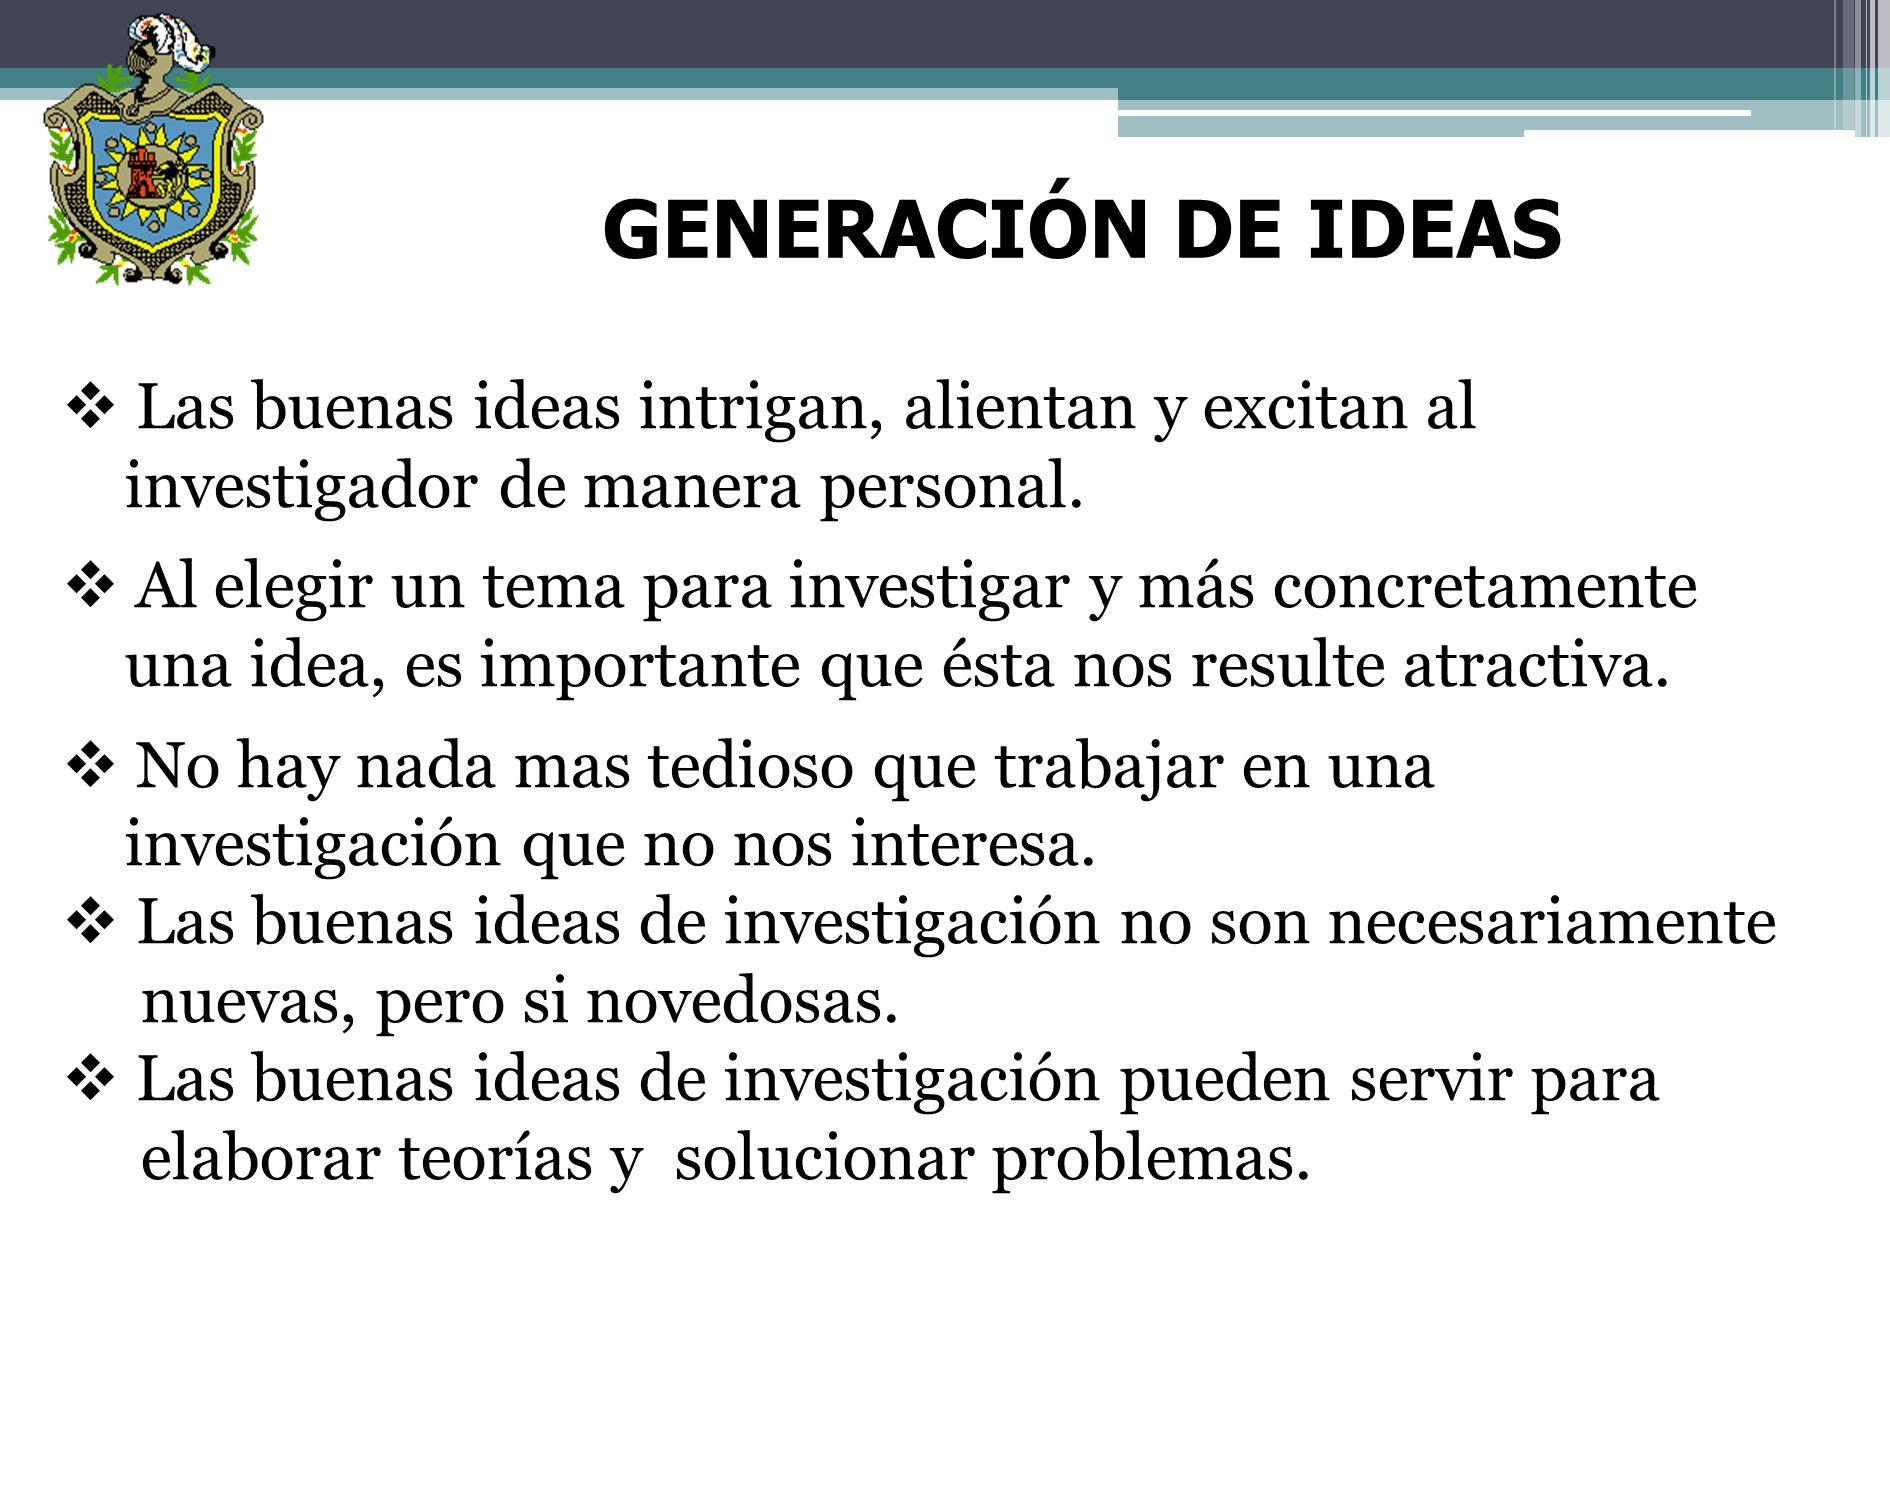 GENERACIÓN DE IDEAS Las buenas ideas intrigan, alientan y excitan al investigador de manera personal.